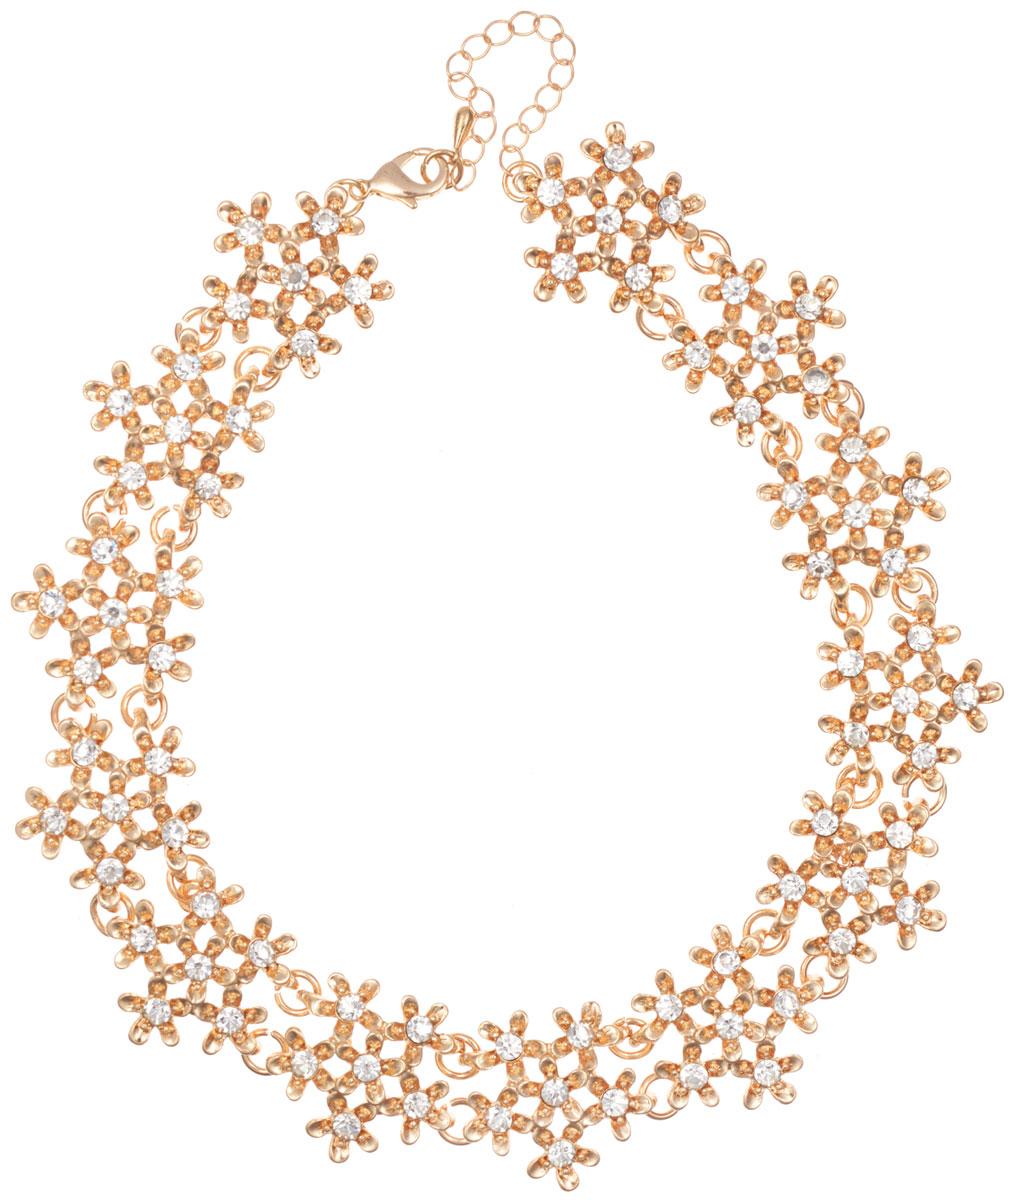 Ожерелье Taya, цвет: золотистый. T-BT-B-8976-NECK-GOLDЭлегантное ожерелье Taya, выполнено из бижутерийного сплава. Изделие состоит из элементов в форме цветков, скрепленных между собой и дополненных вставками из стеклянных стразов. Ожерелье застегивается на практичный замок-карабин, длина регулируется за счет дополнительных звеньев. Стильное ожерелье придаст вашему образу изюминку, подчеркнет индивидуальность.